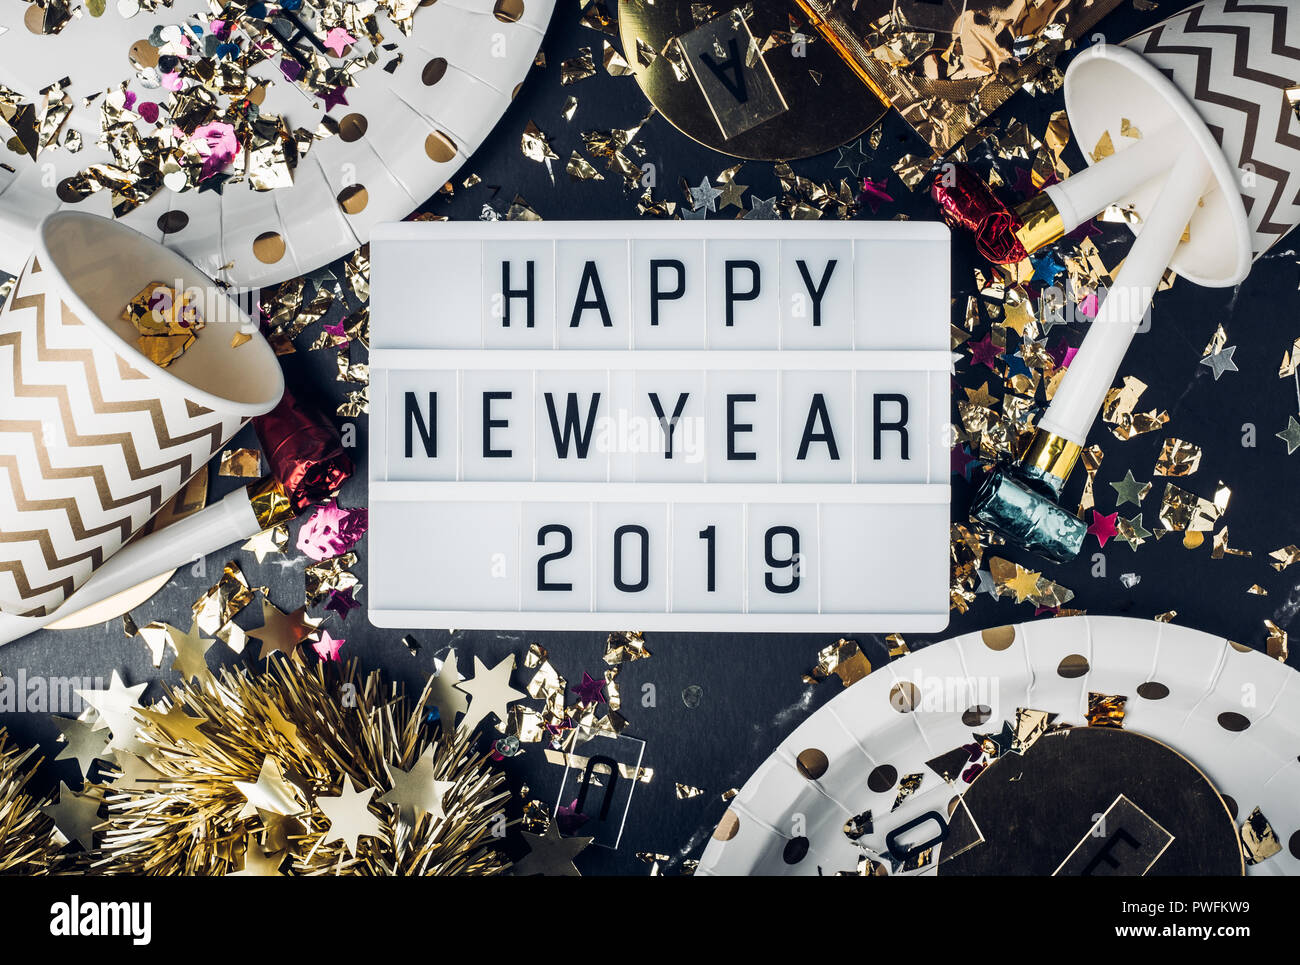 Frohes Neues Jahr 2019 Stockfotos & Frohes Neues Jahr 2019 Bilder ...